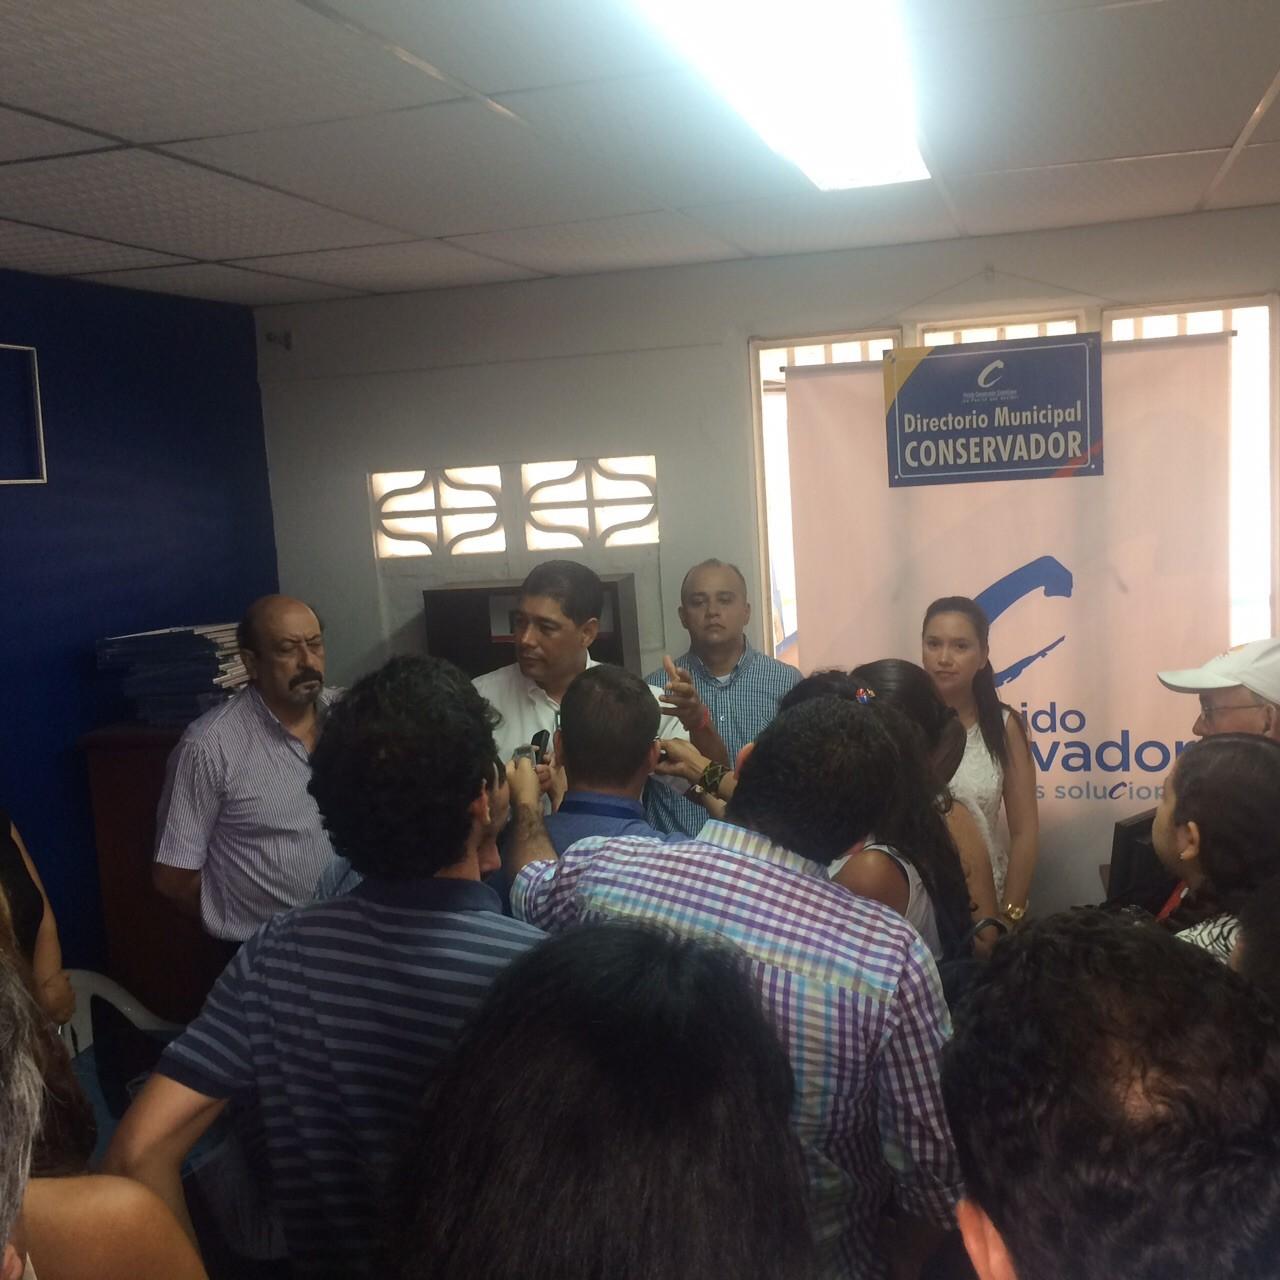 Asesor de Secrehacienda y Alcalde apareció con Toledo, haciendo política